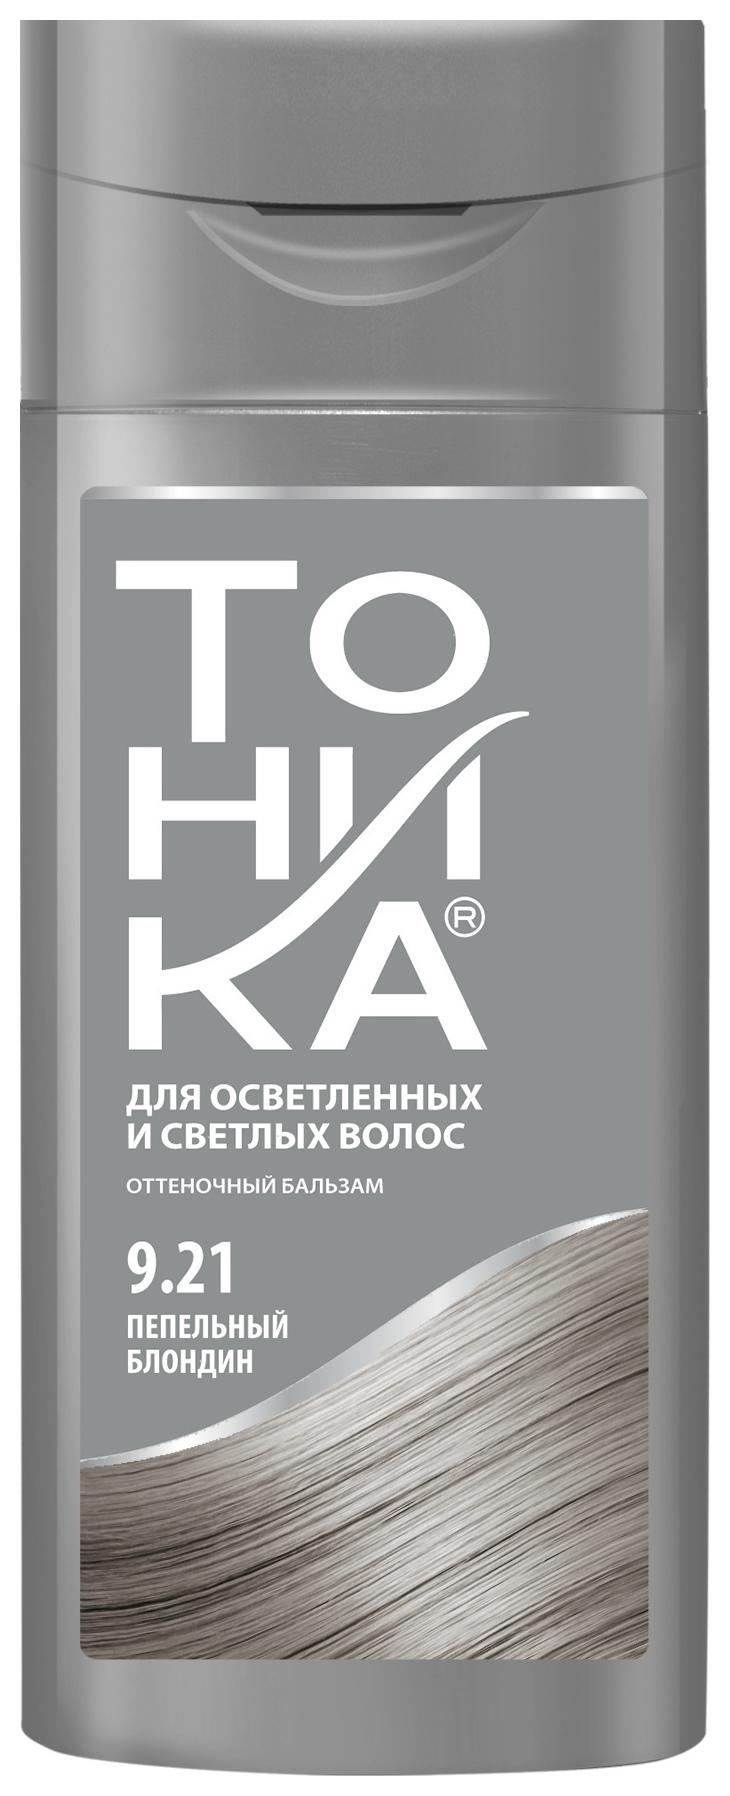 Оттеночный бальзам для осветлённых и светлых волос  Тоника